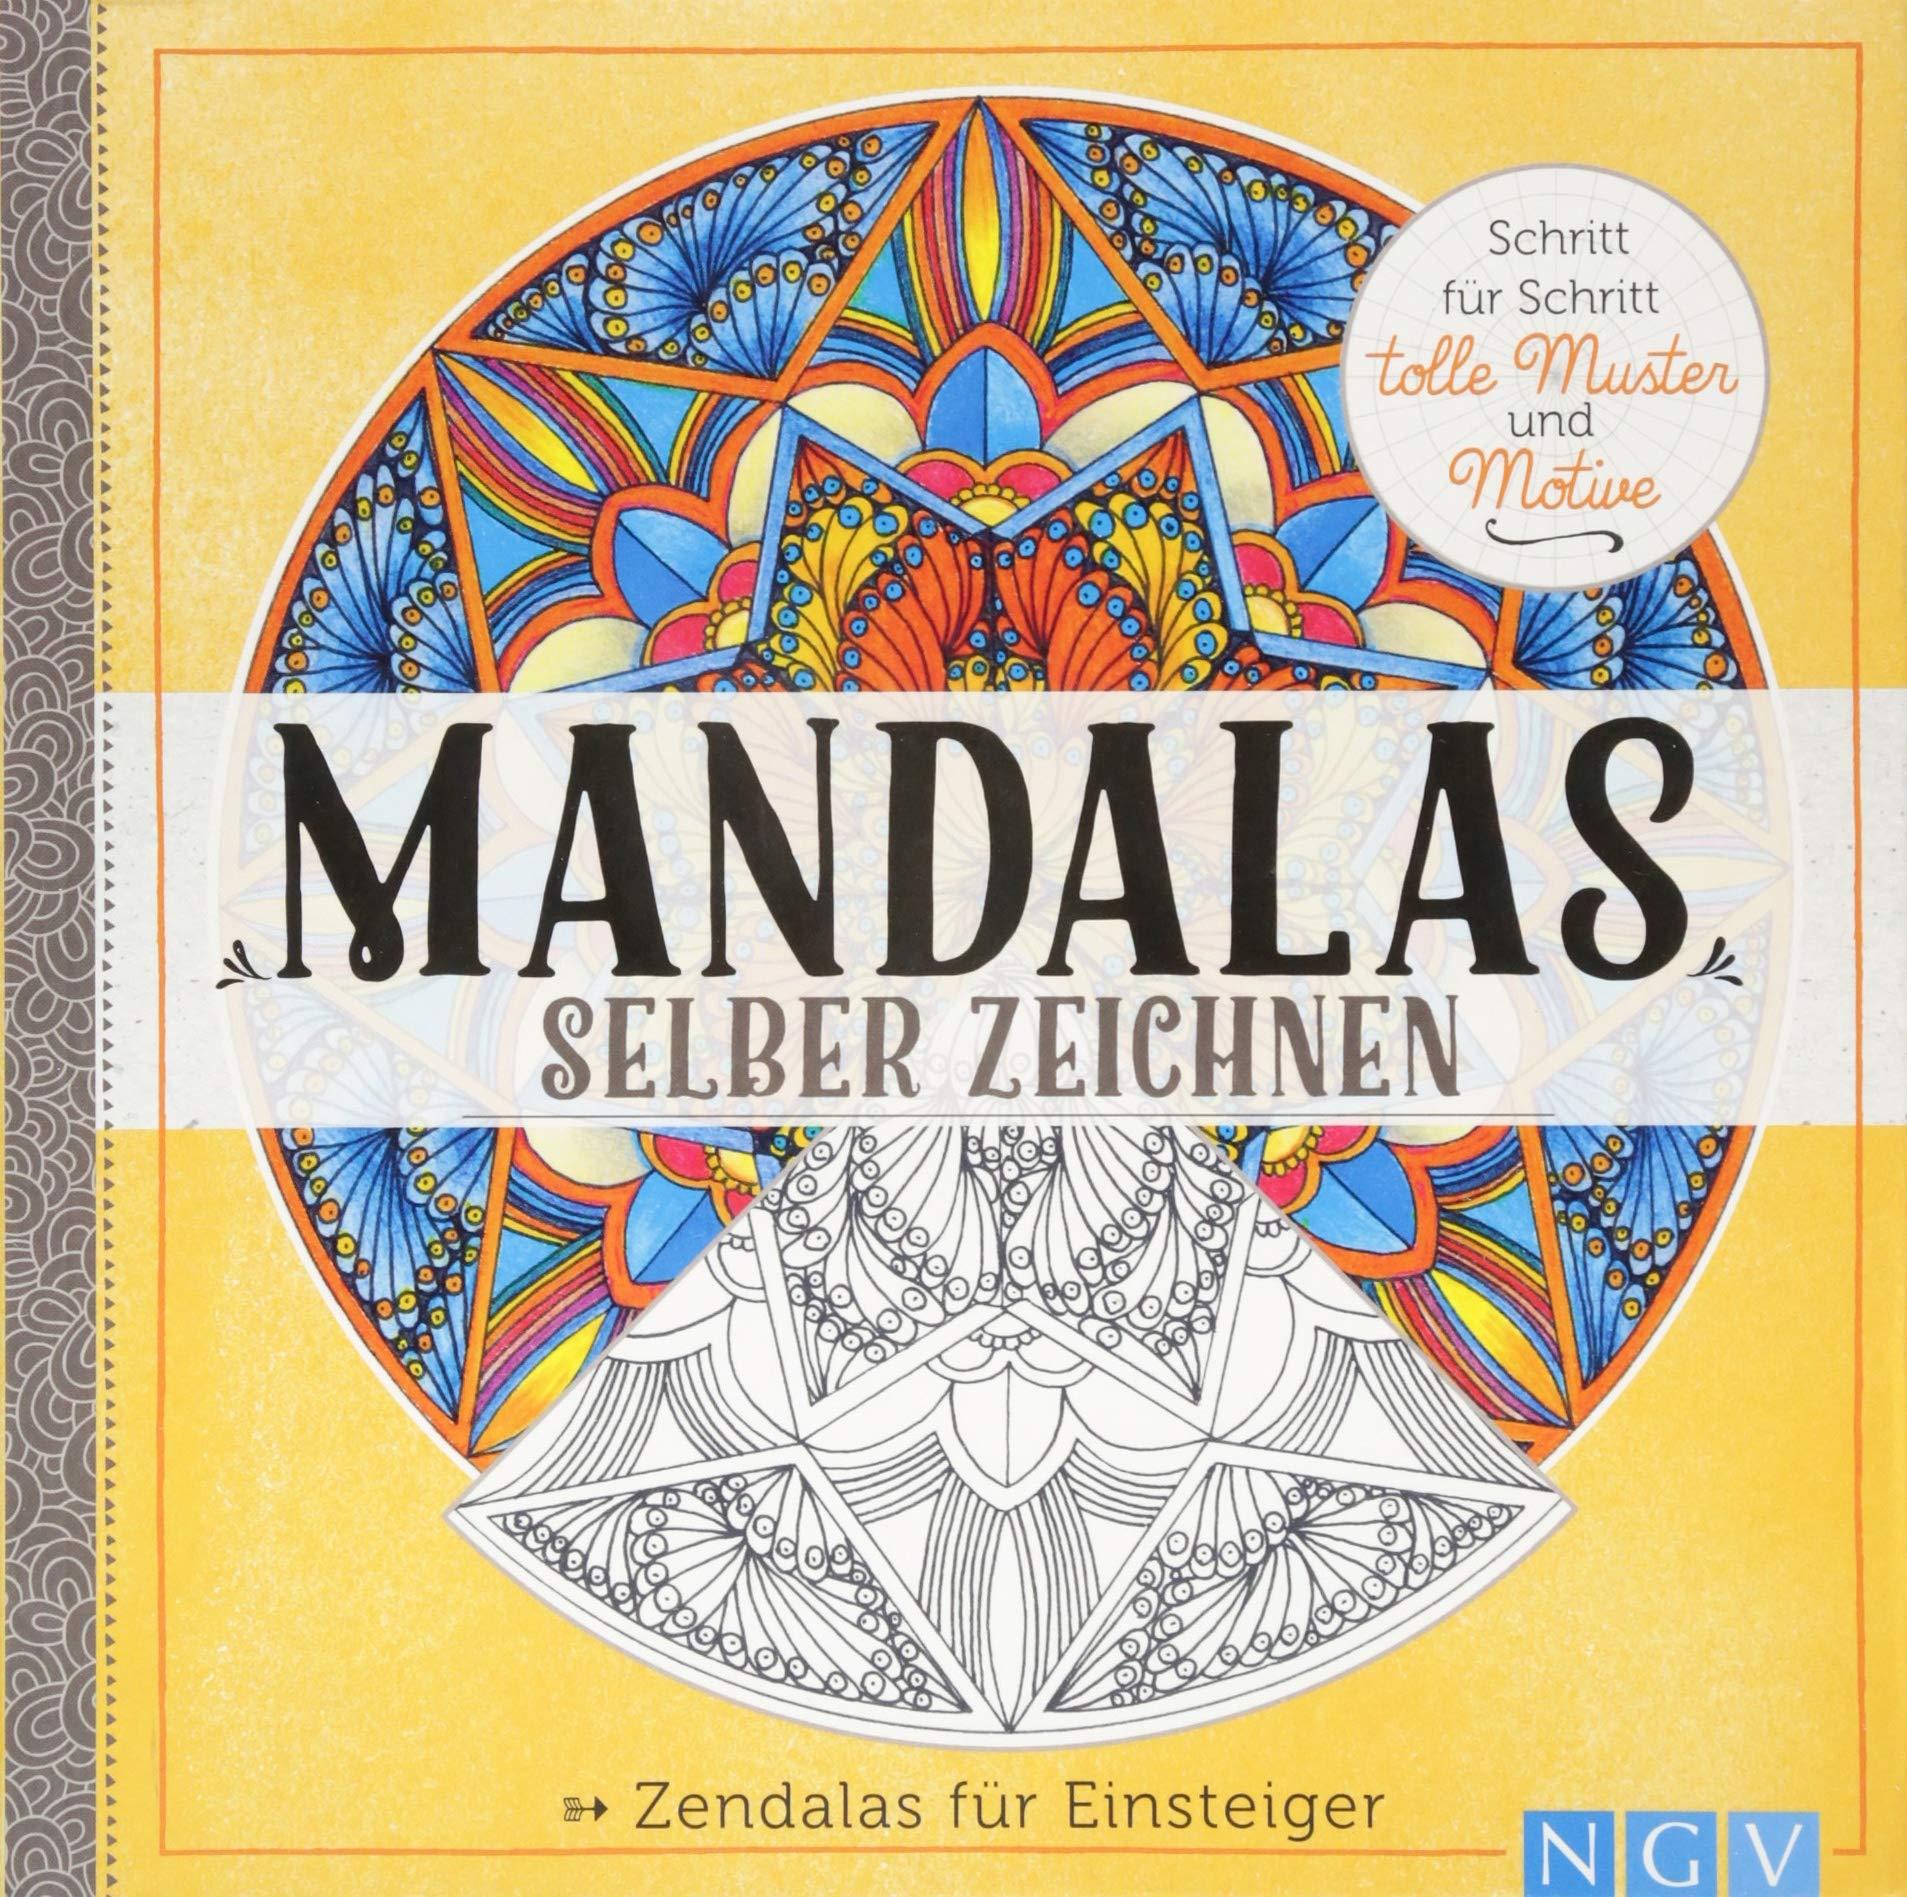 Mandalas Selber Zeichnen Zendalas Für Einsteiger Amazon De